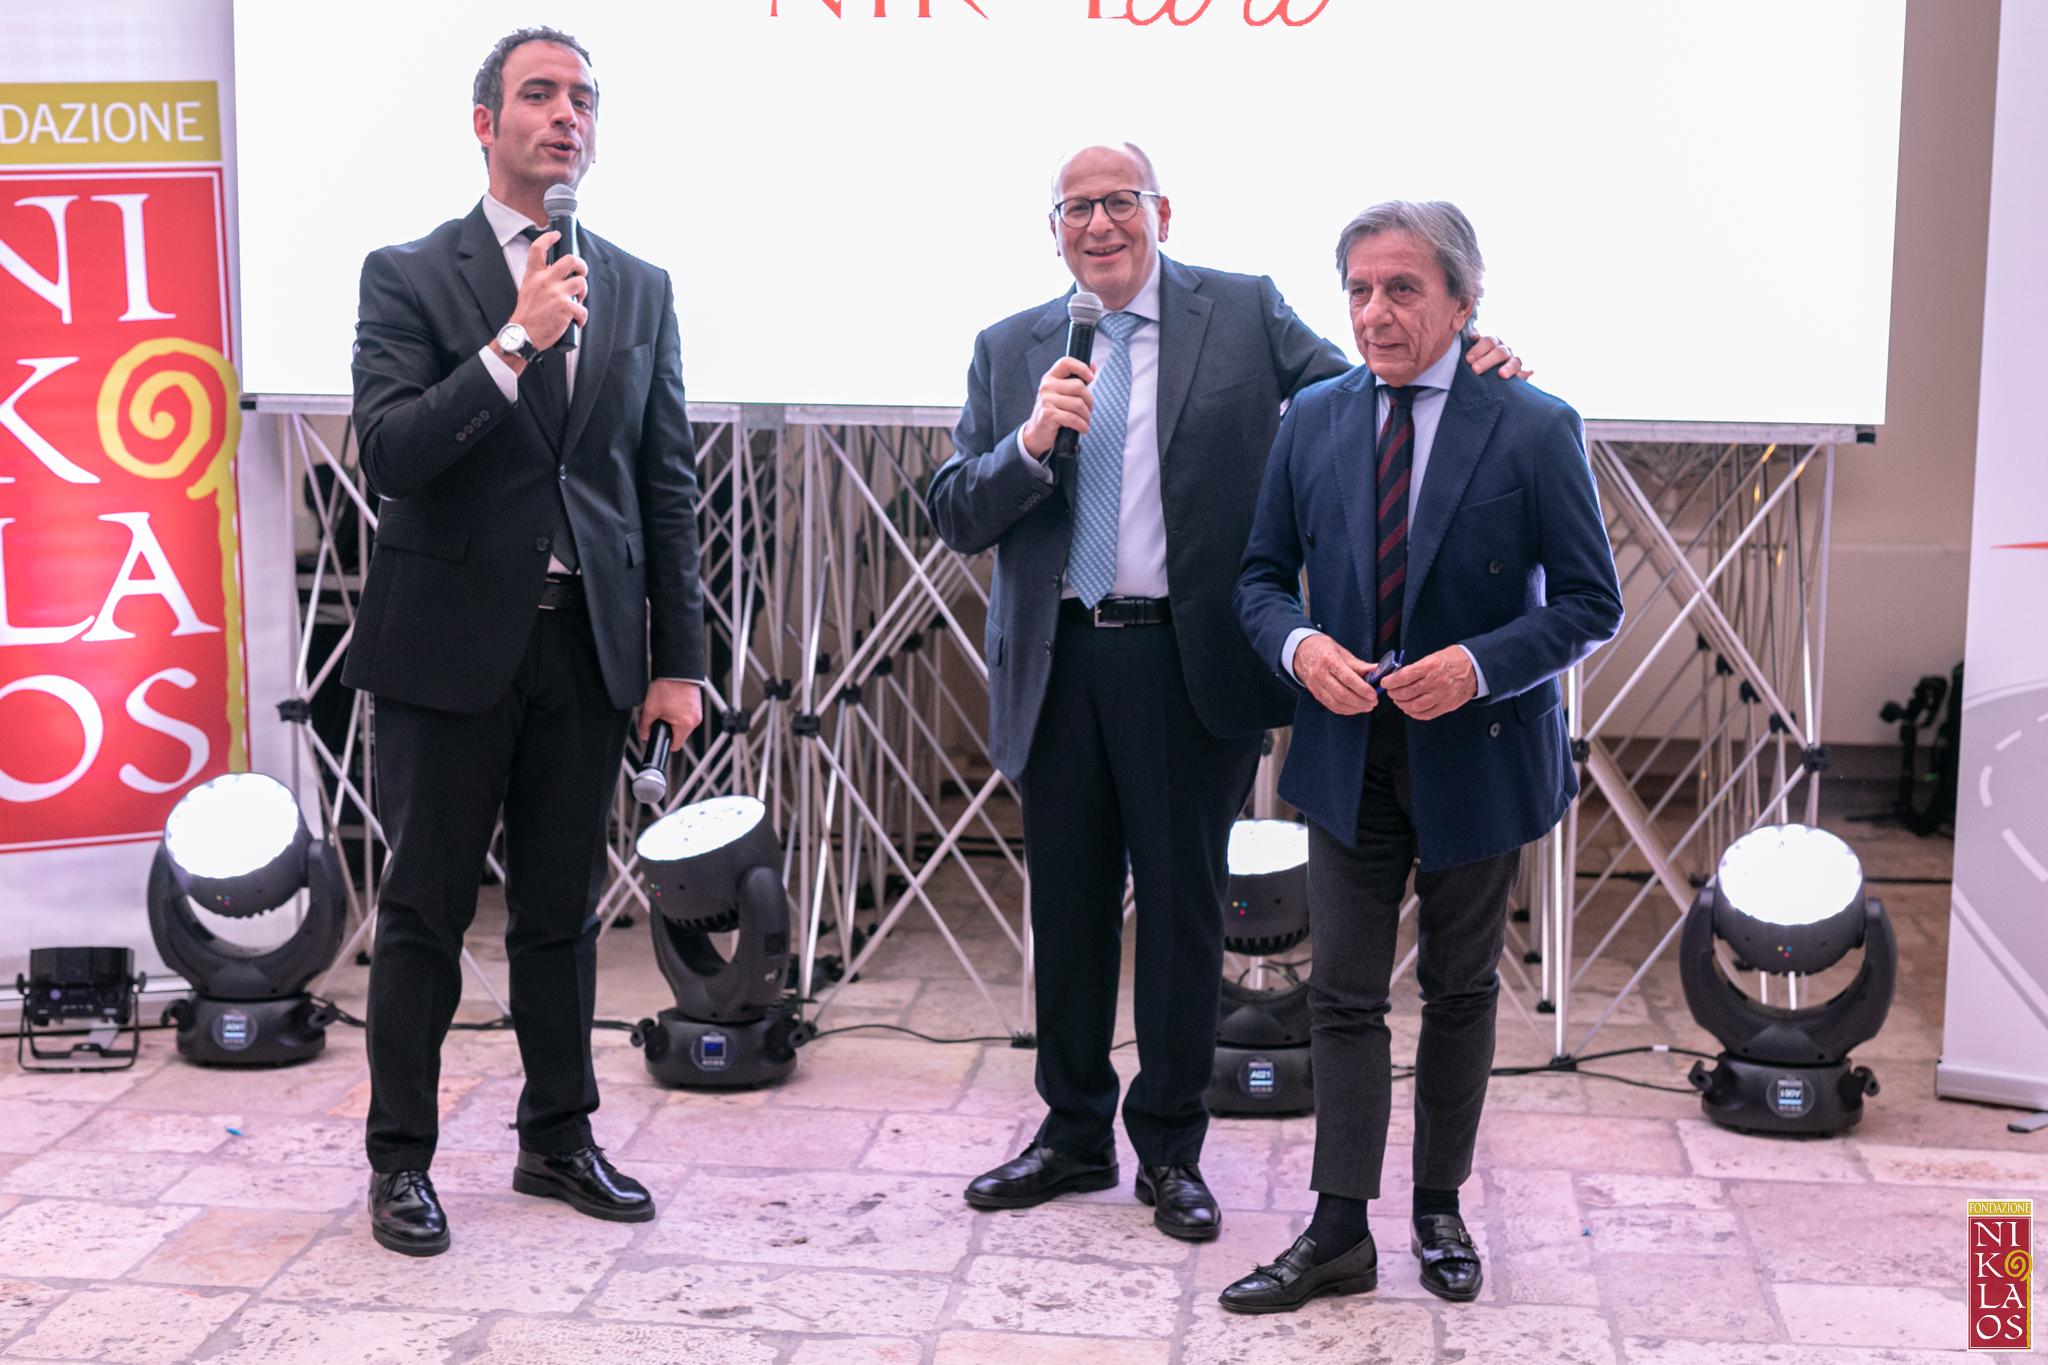 Grande festa per i dieci anni di attività della Fondazione Nikolaos